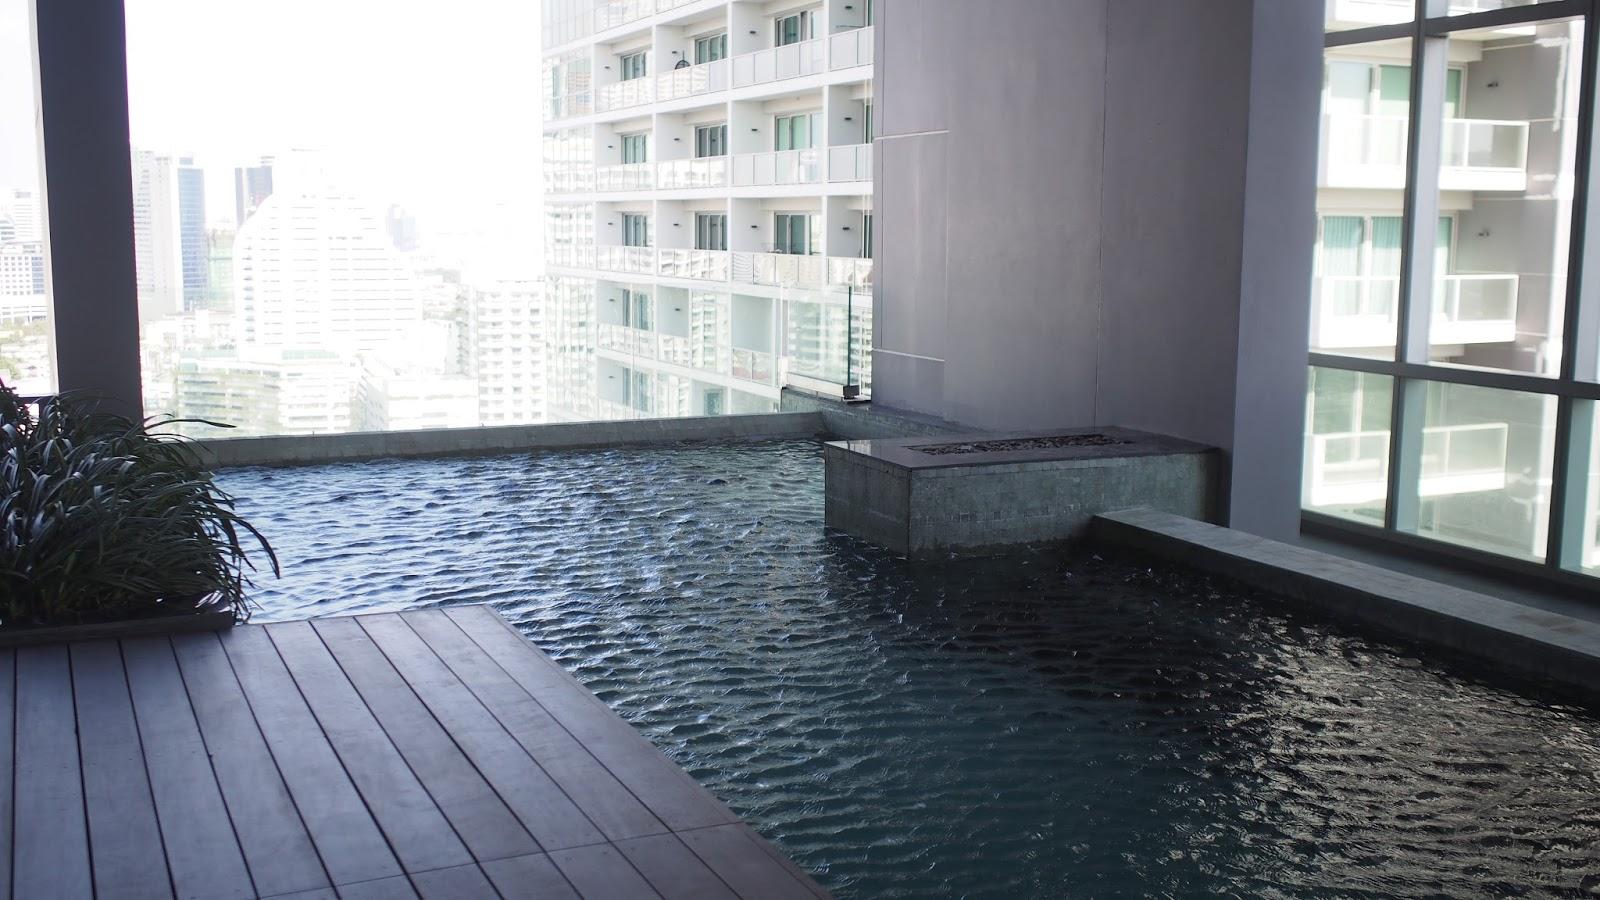 klapsons, klapsons bangkok the river, bangkok hotel, bangkok accomodations, chao phraya river, chap phraya hotels , review